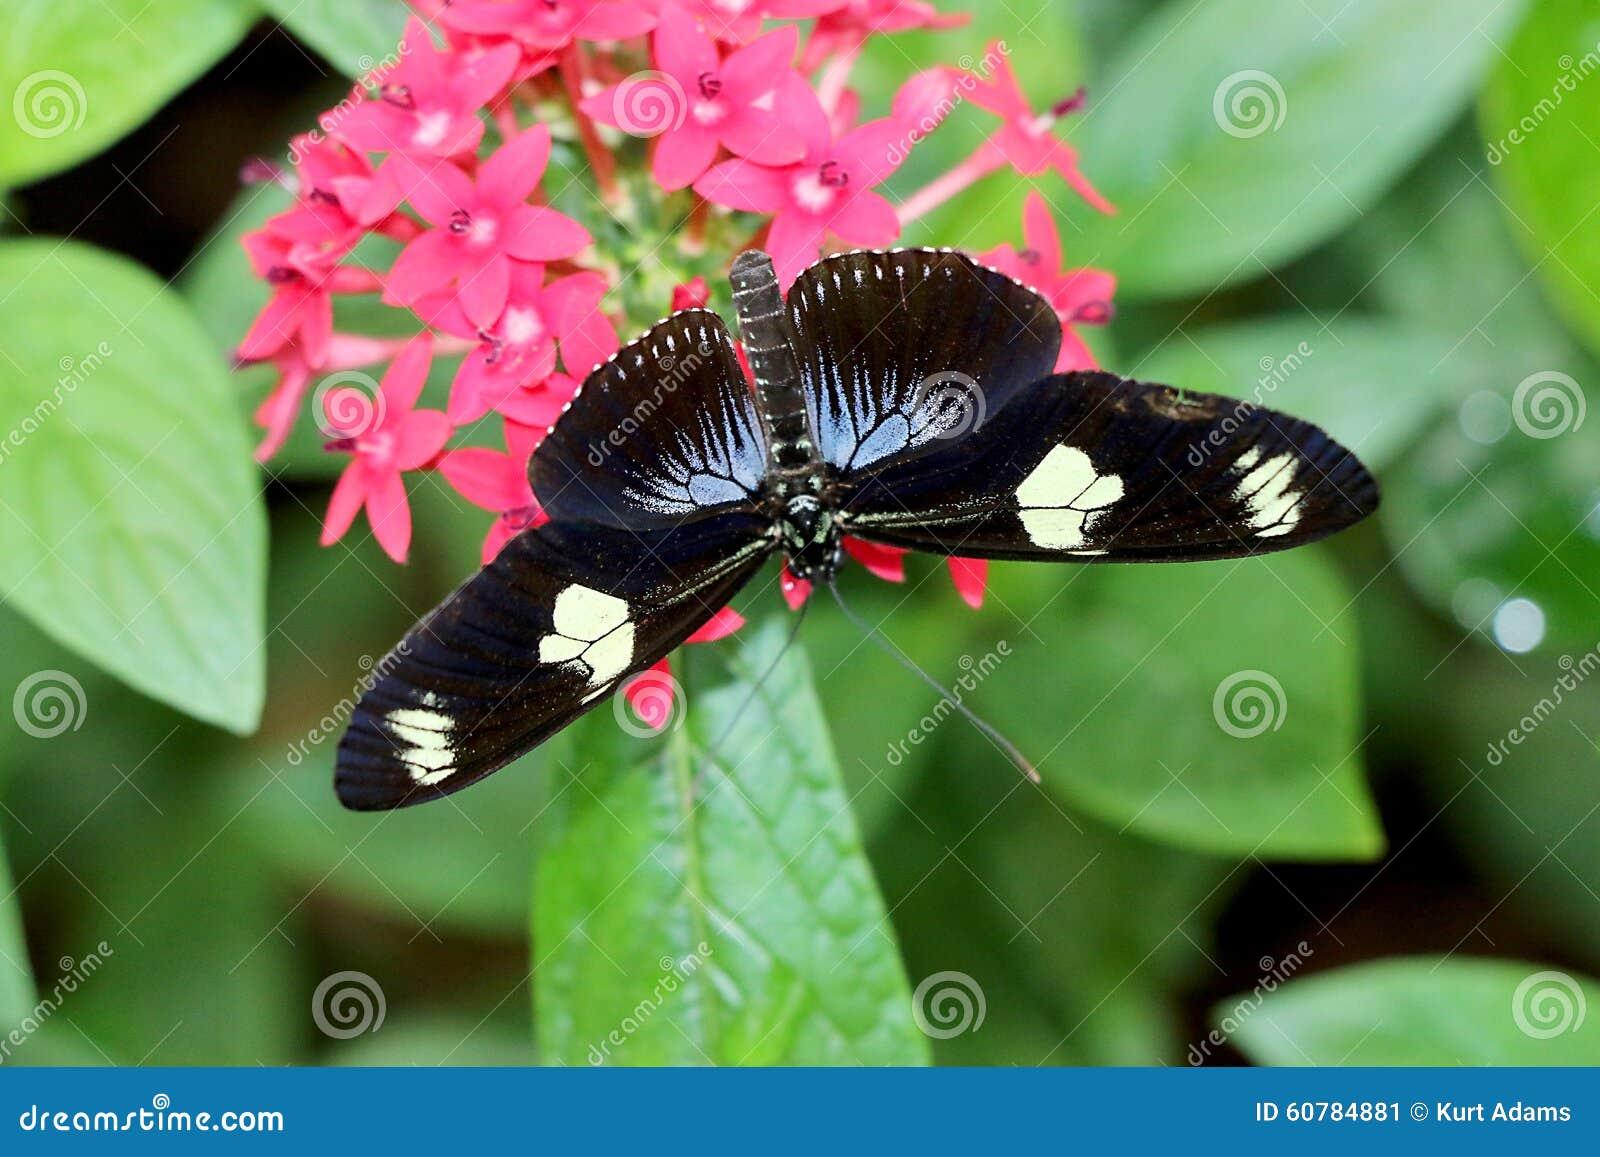 Papillon sur la fleur image stock image du papillon - Papillon fleur ...